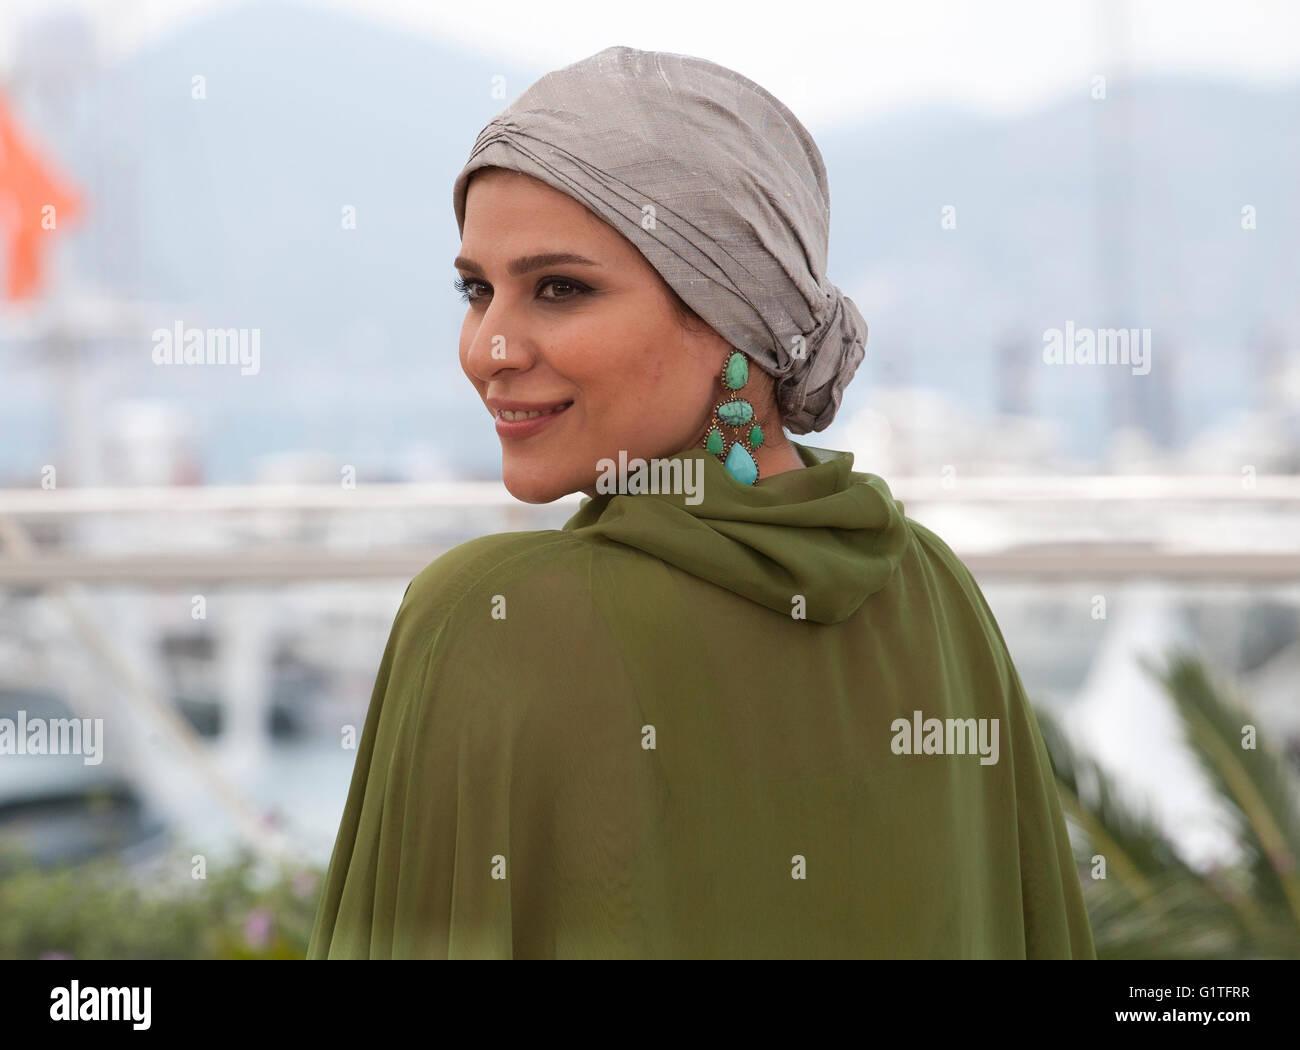 Sahar Dolatshahi Sahar Dolatshahi new pics